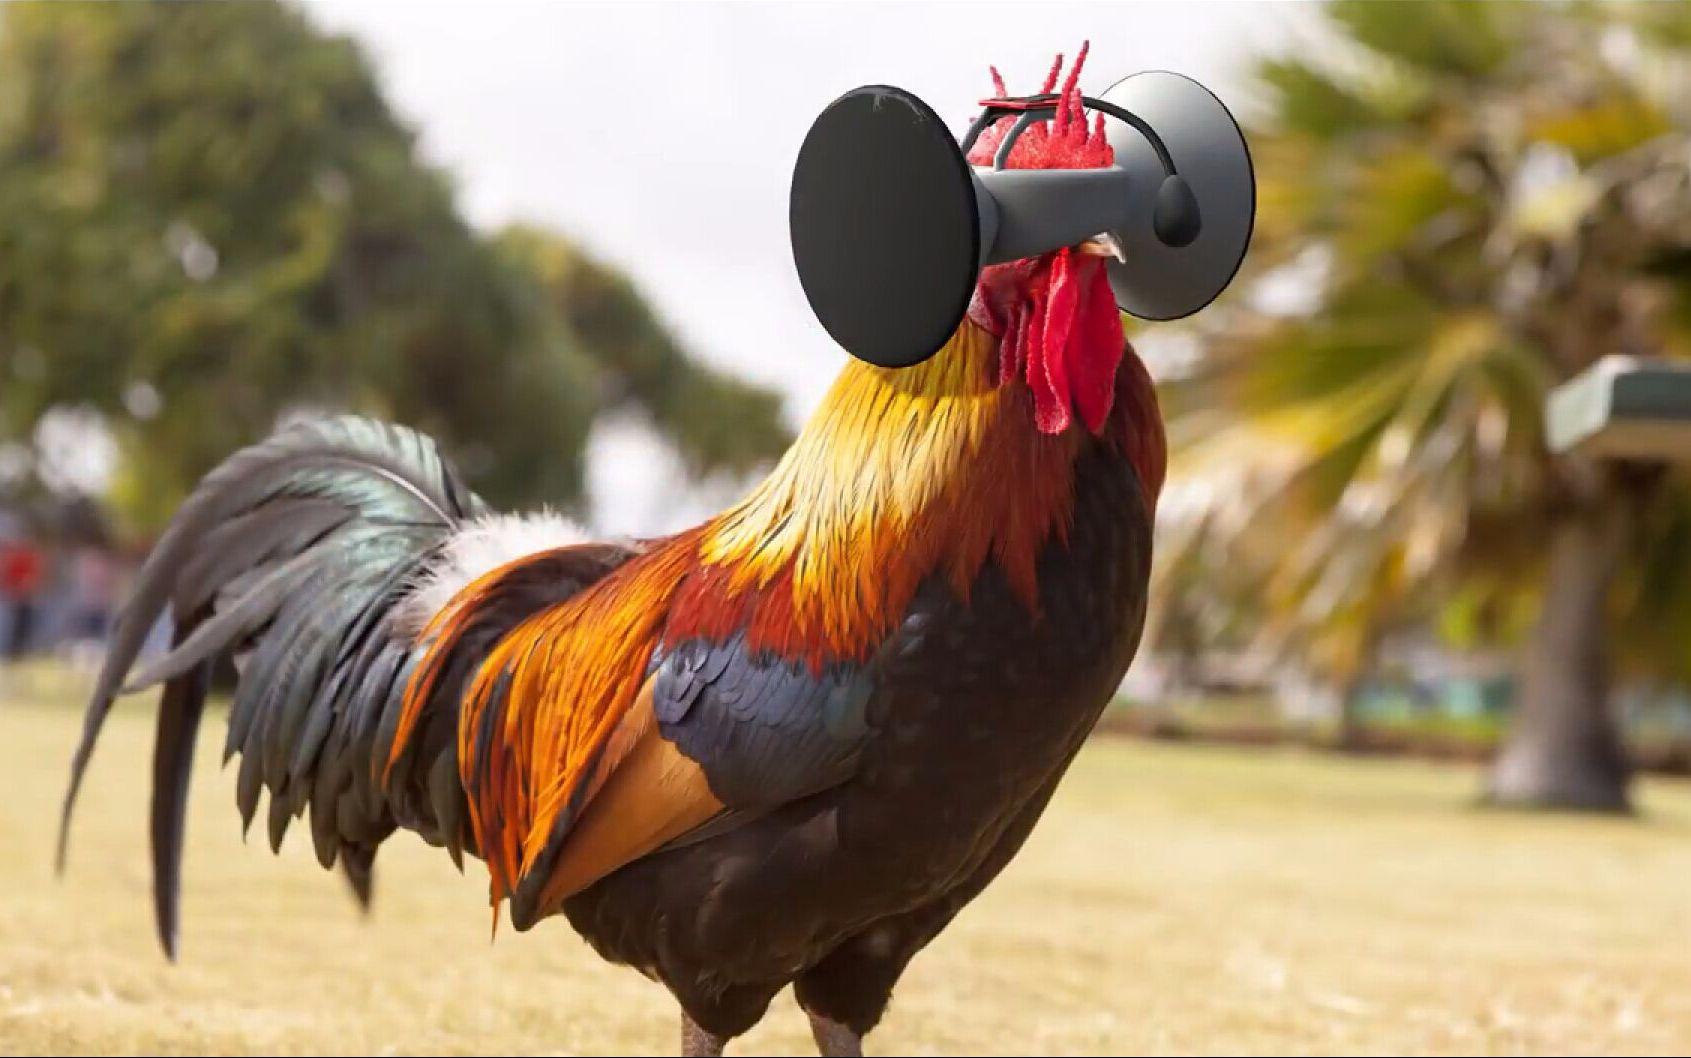 美国为鸡发明的VR眼镜,让鸡美味100倍,据说一只鸡卖5万